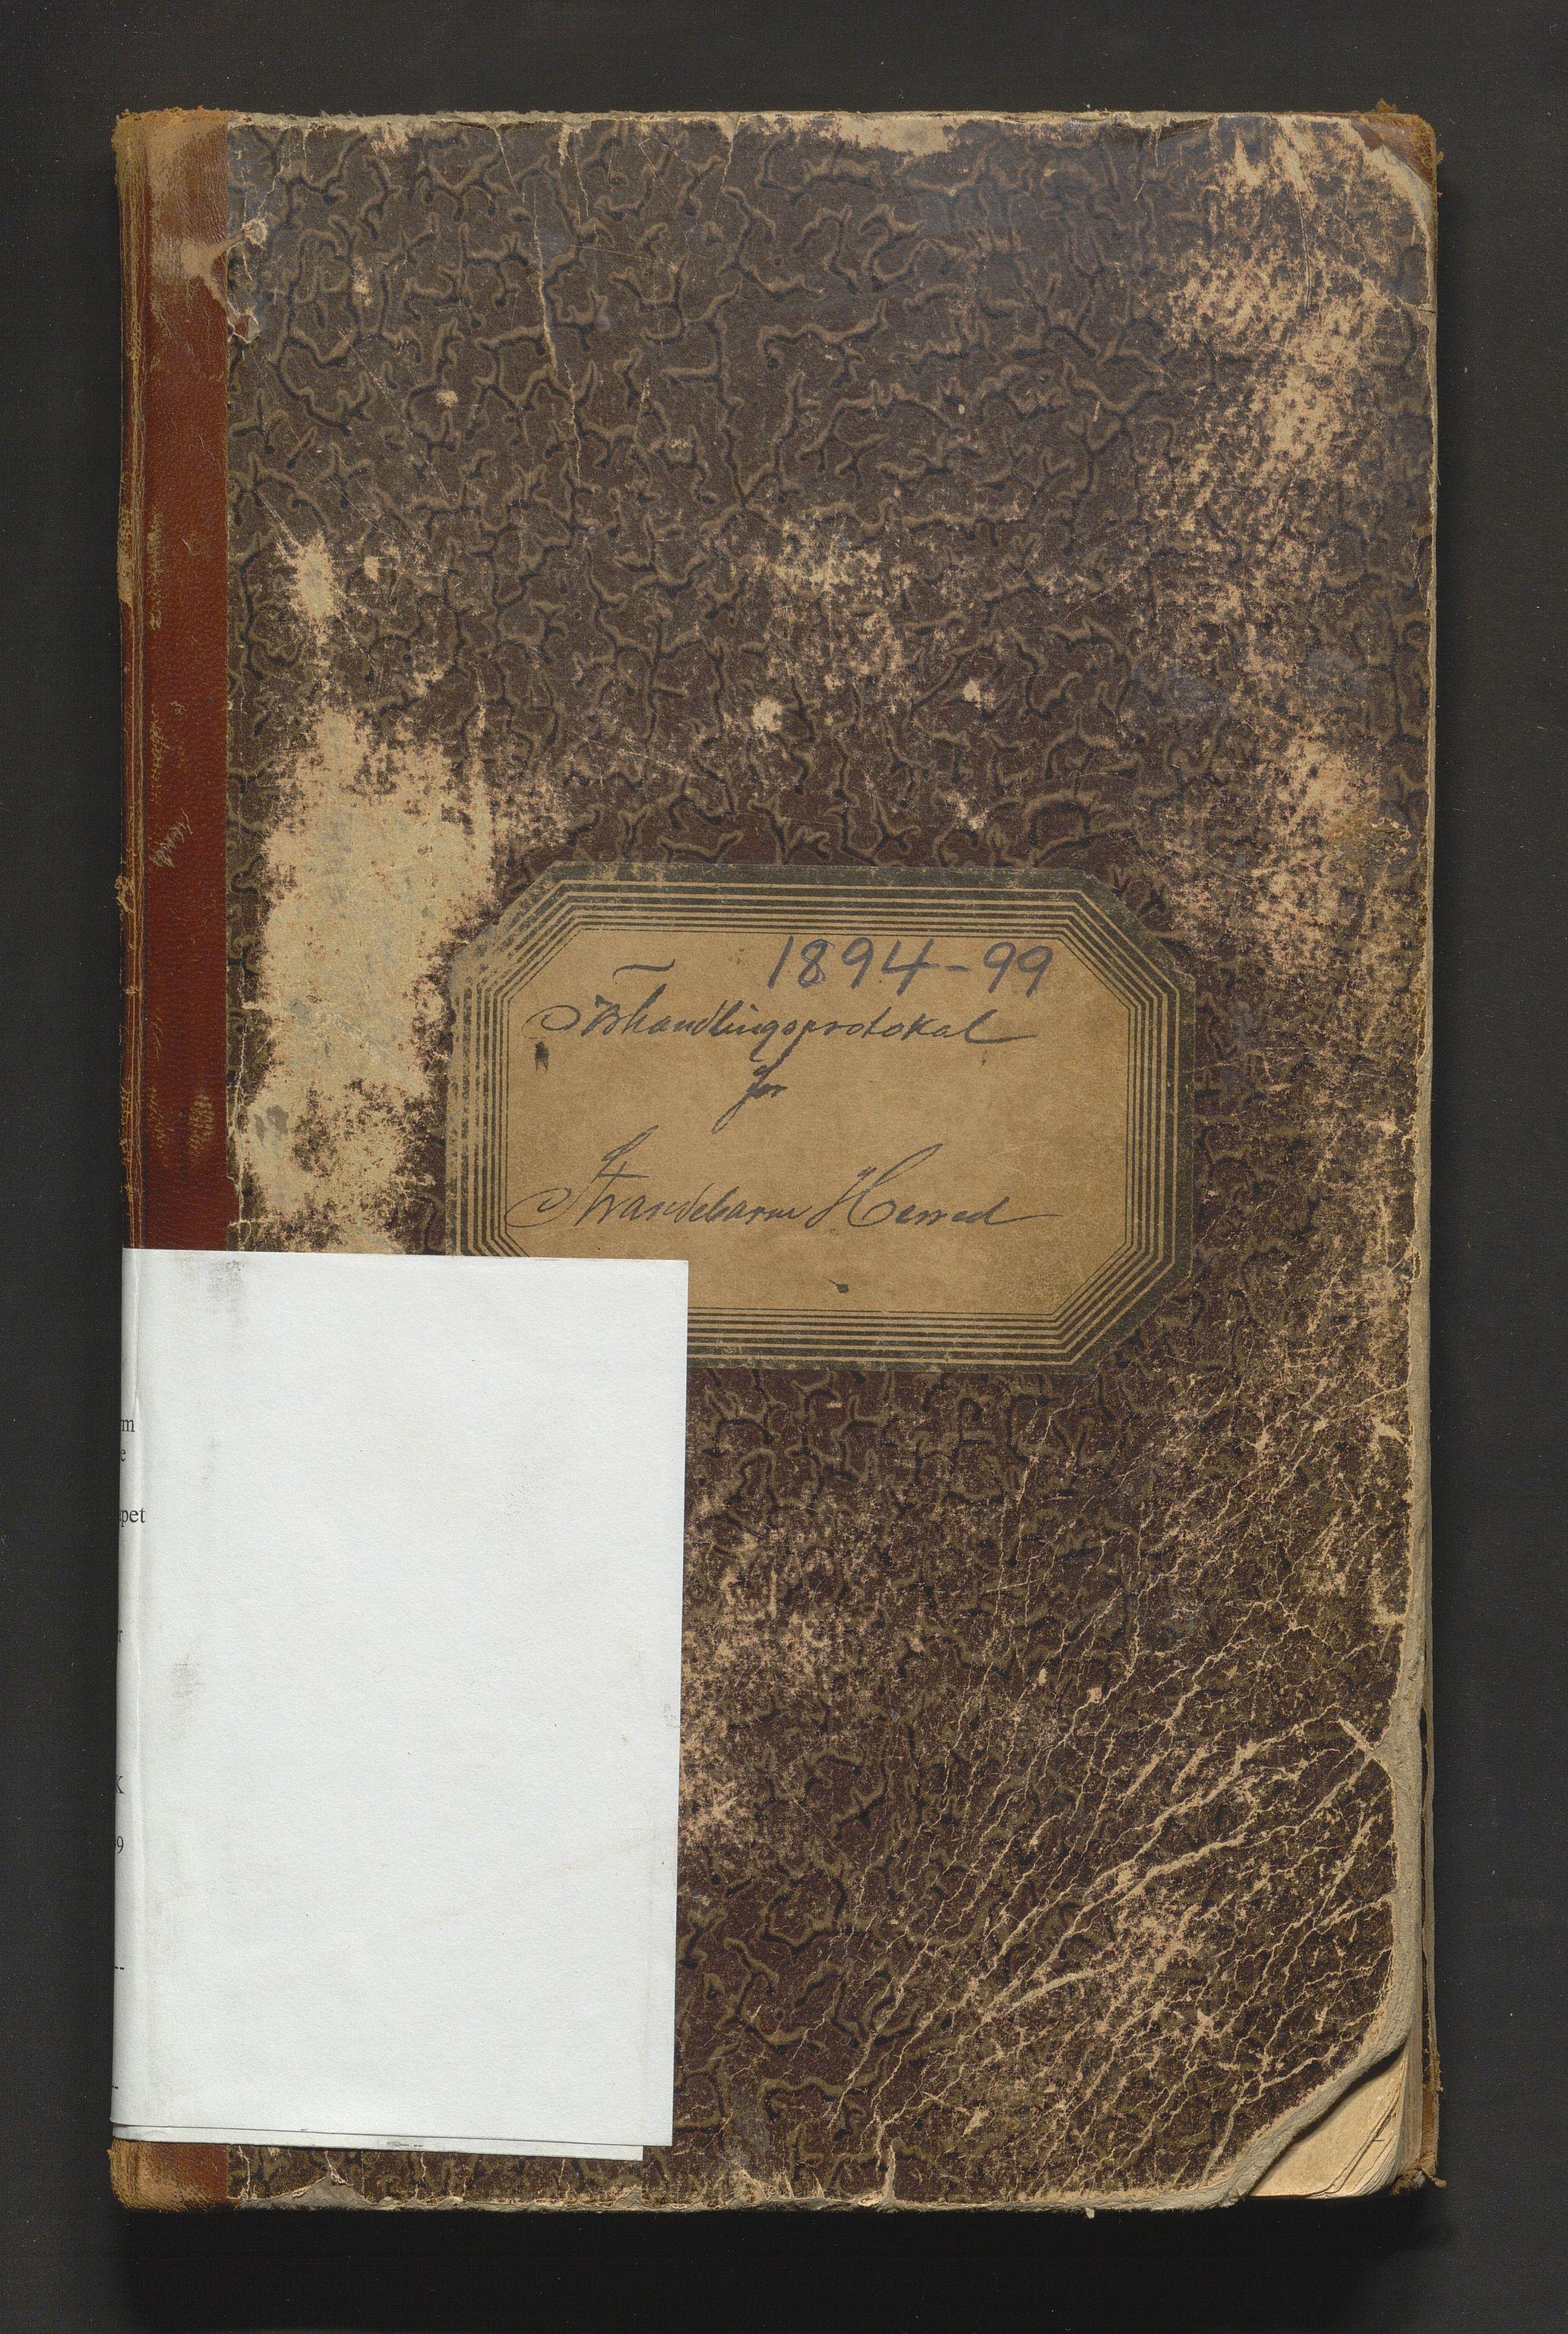 IKAH, Strandebarm kommune. Formannskapet, A/Aa/L0004: Møtebok for formannskap og heradsstyre, 1894-1899